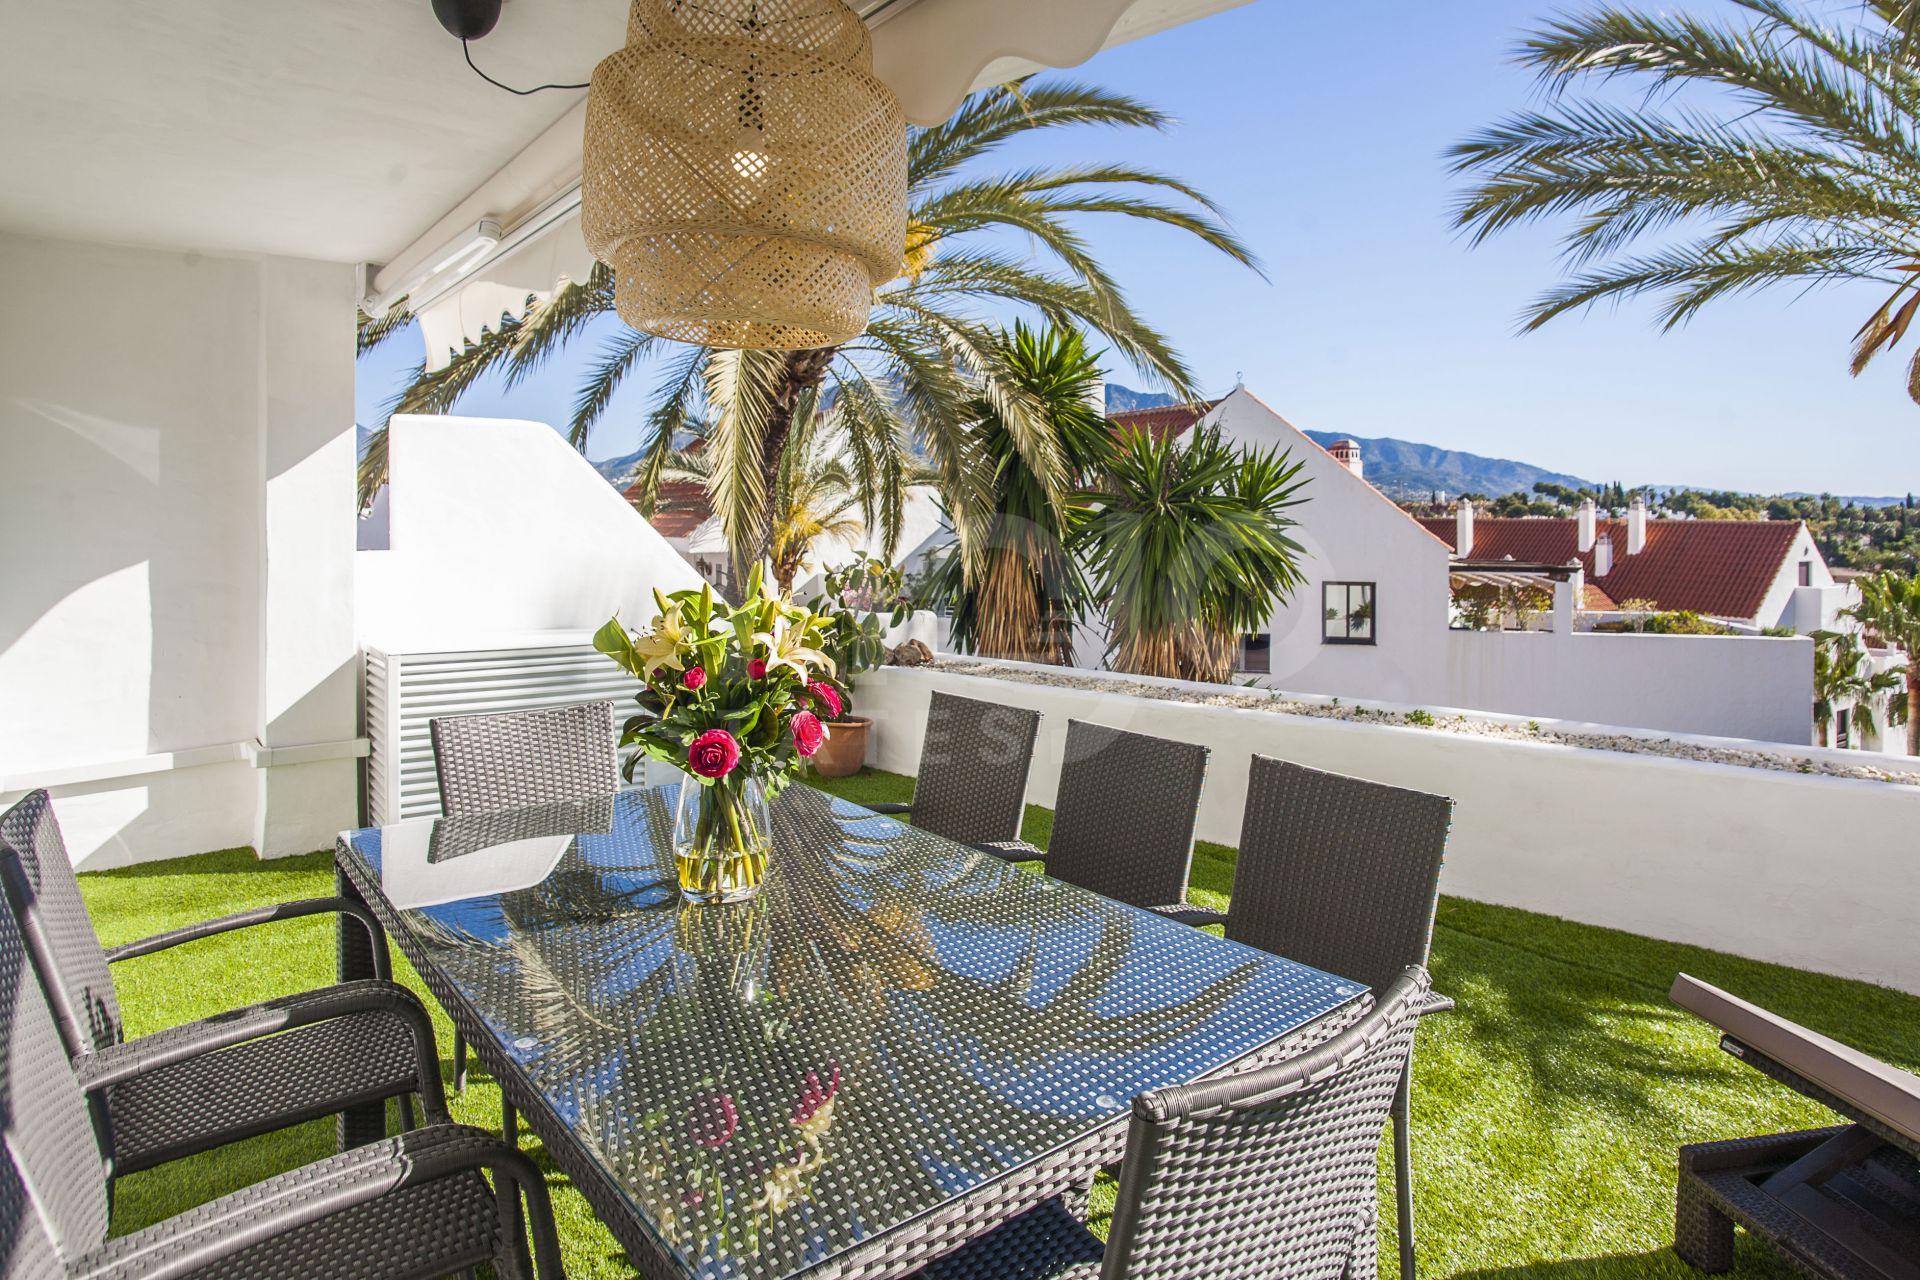 Appartement en vente à Nueva Andalucia, Marbella